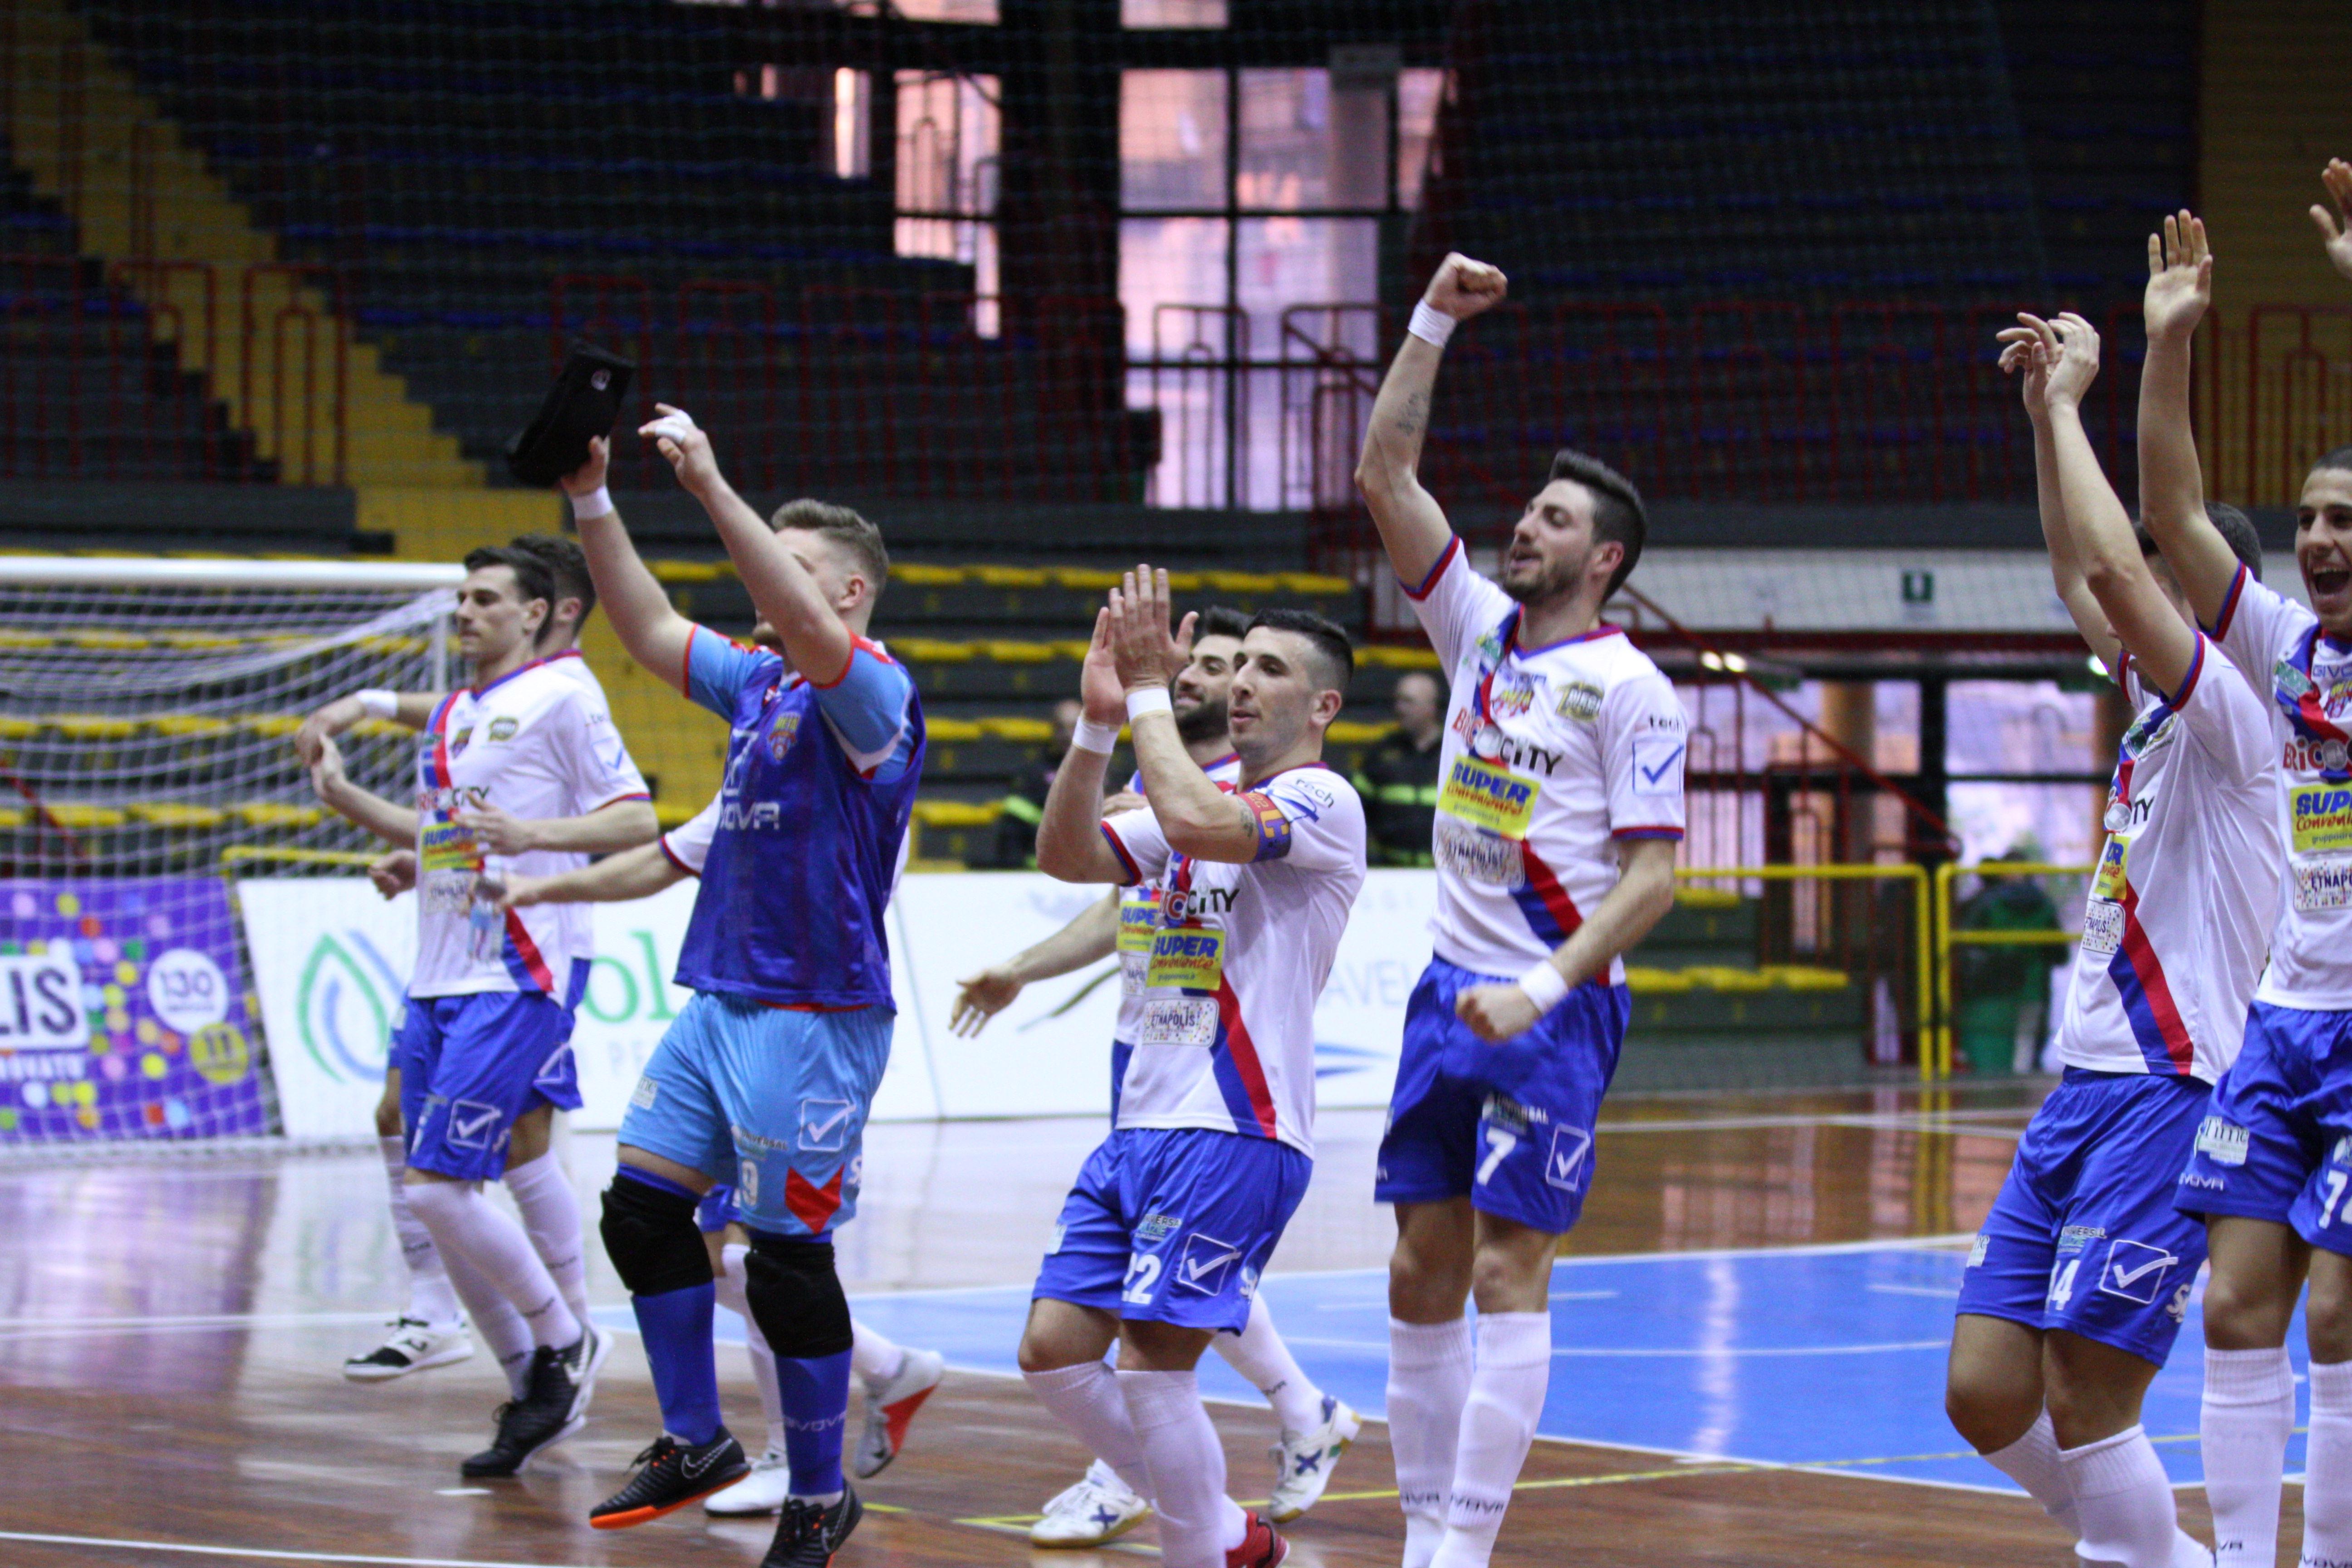 La legge del PalaCatania: i rossazzurri battono anche la Lazio. Il tabellino